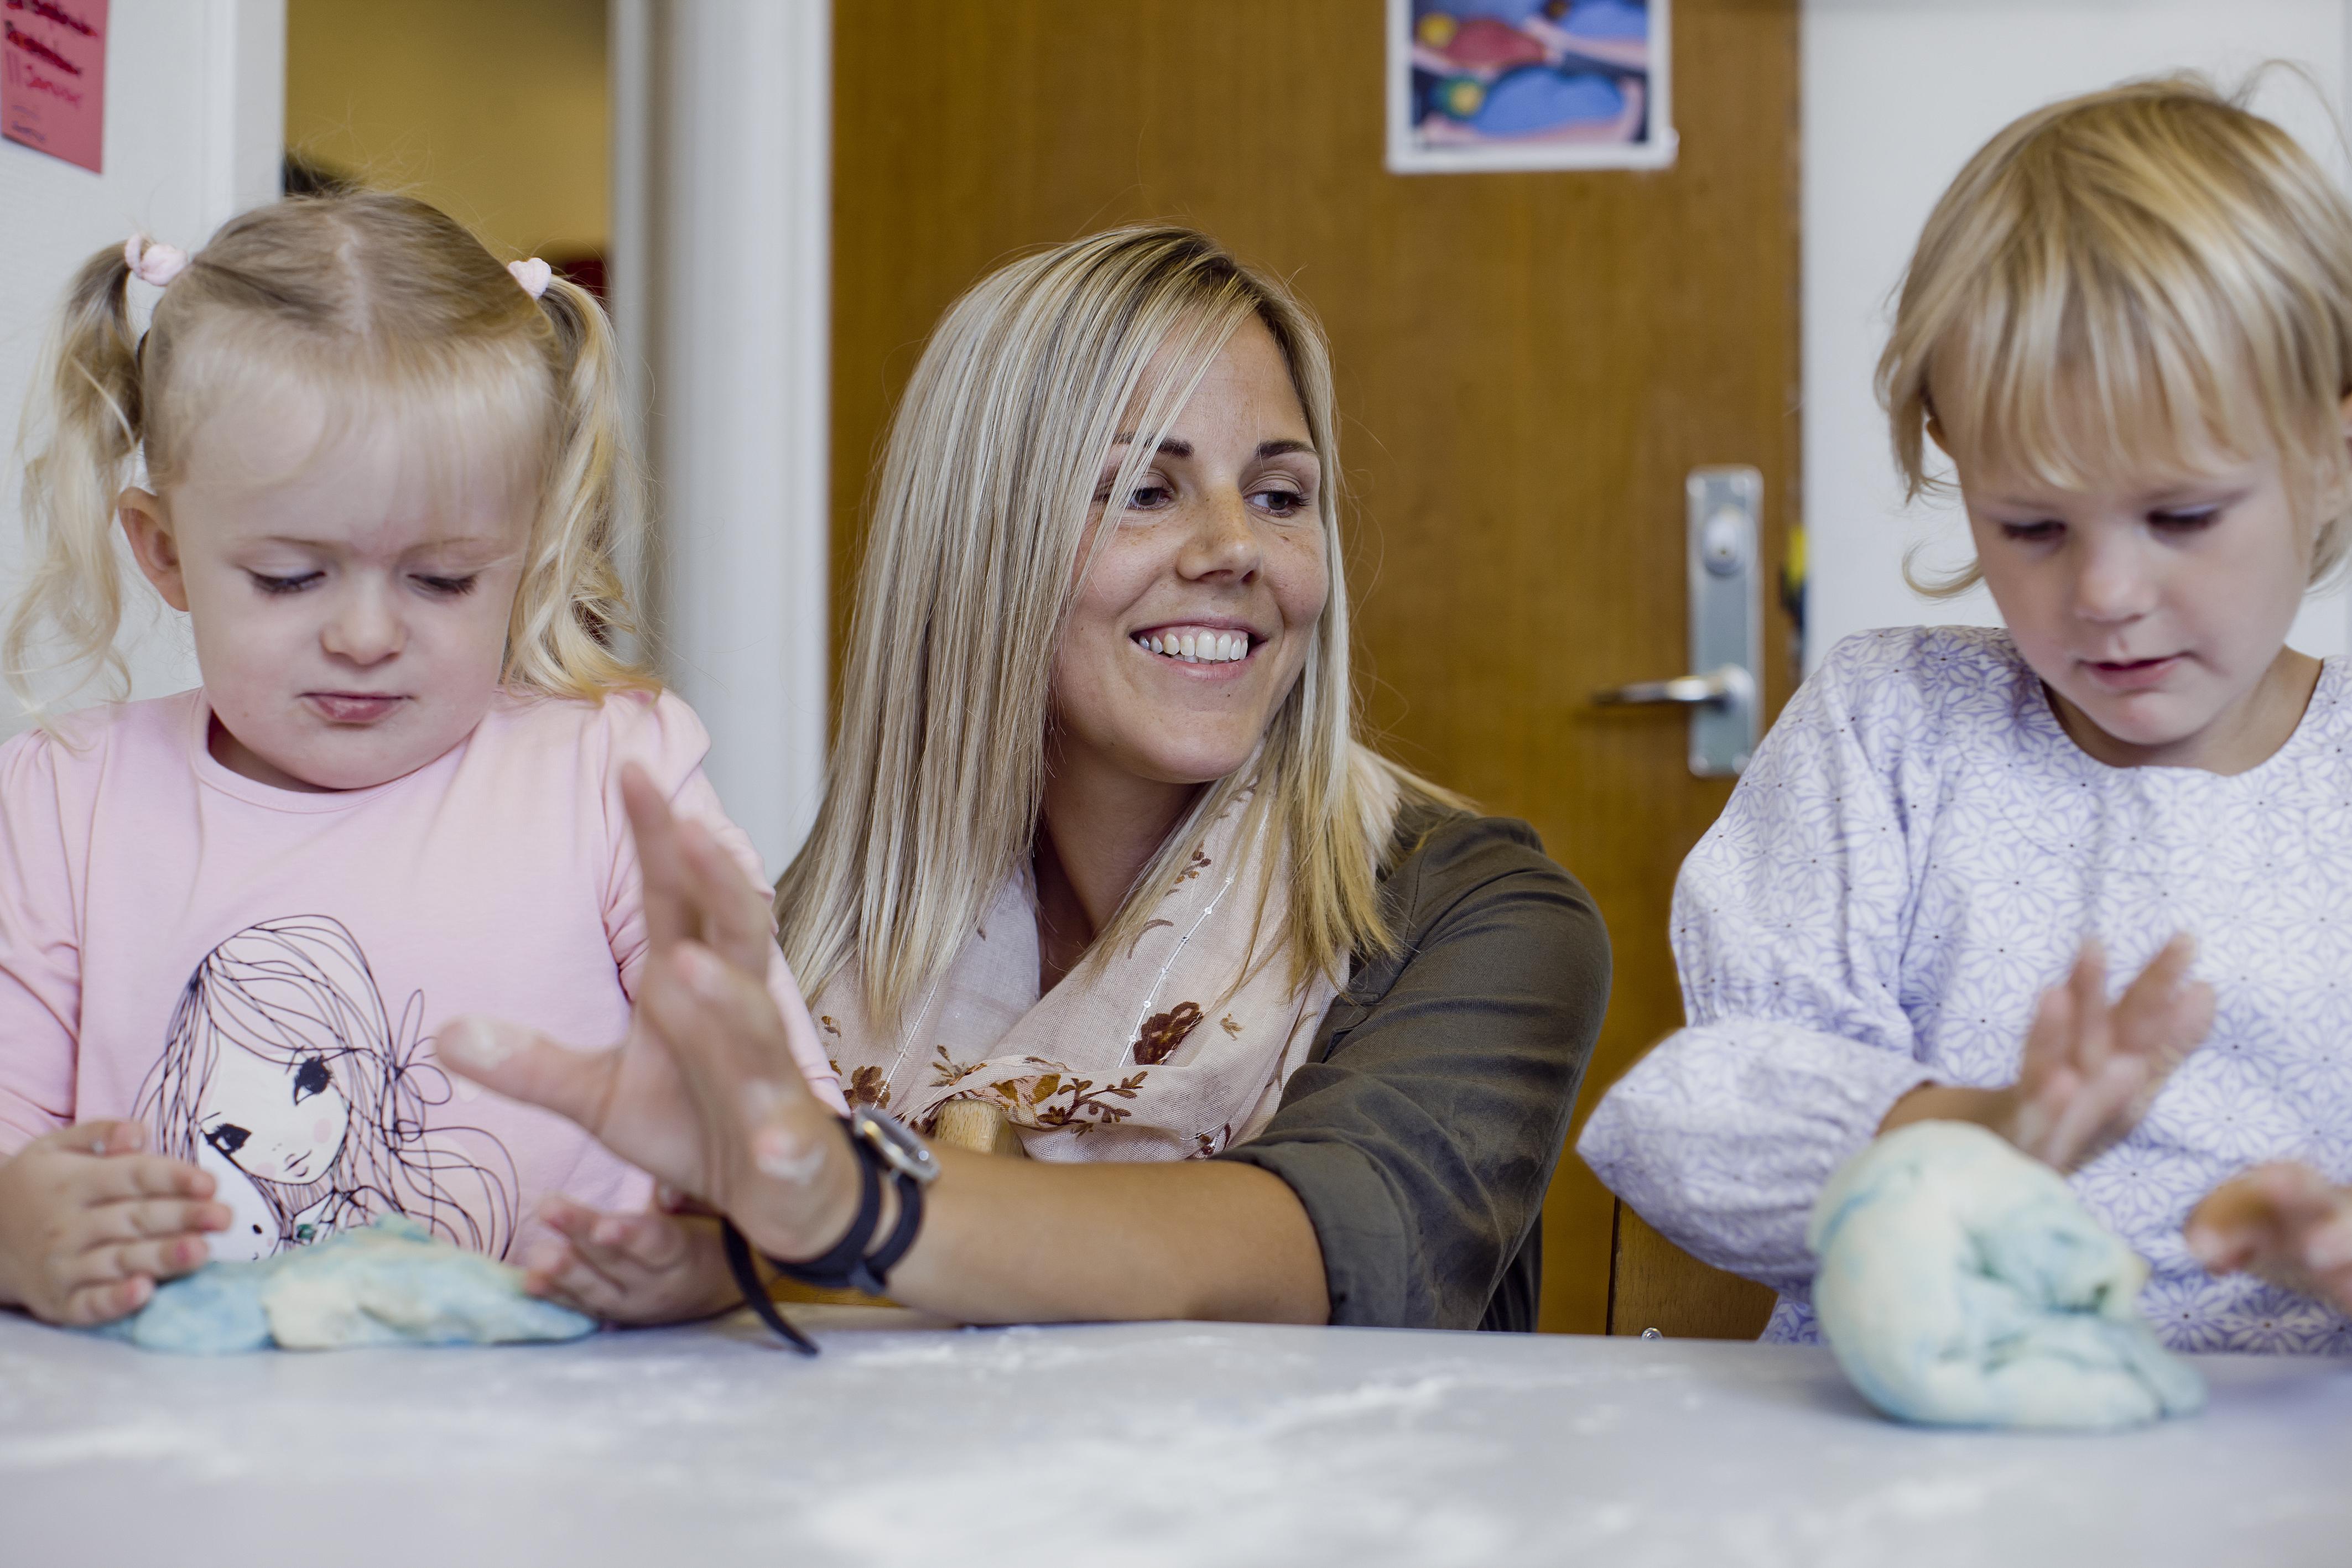 Når Julie Lerche-Thomsen har sine ergoterapeuttimer i Sundloppen, kan hun arbejde en-til-en med børnene og derigennem give dem bedre forudsætninger for at håndtere hverdagen i institutionen.